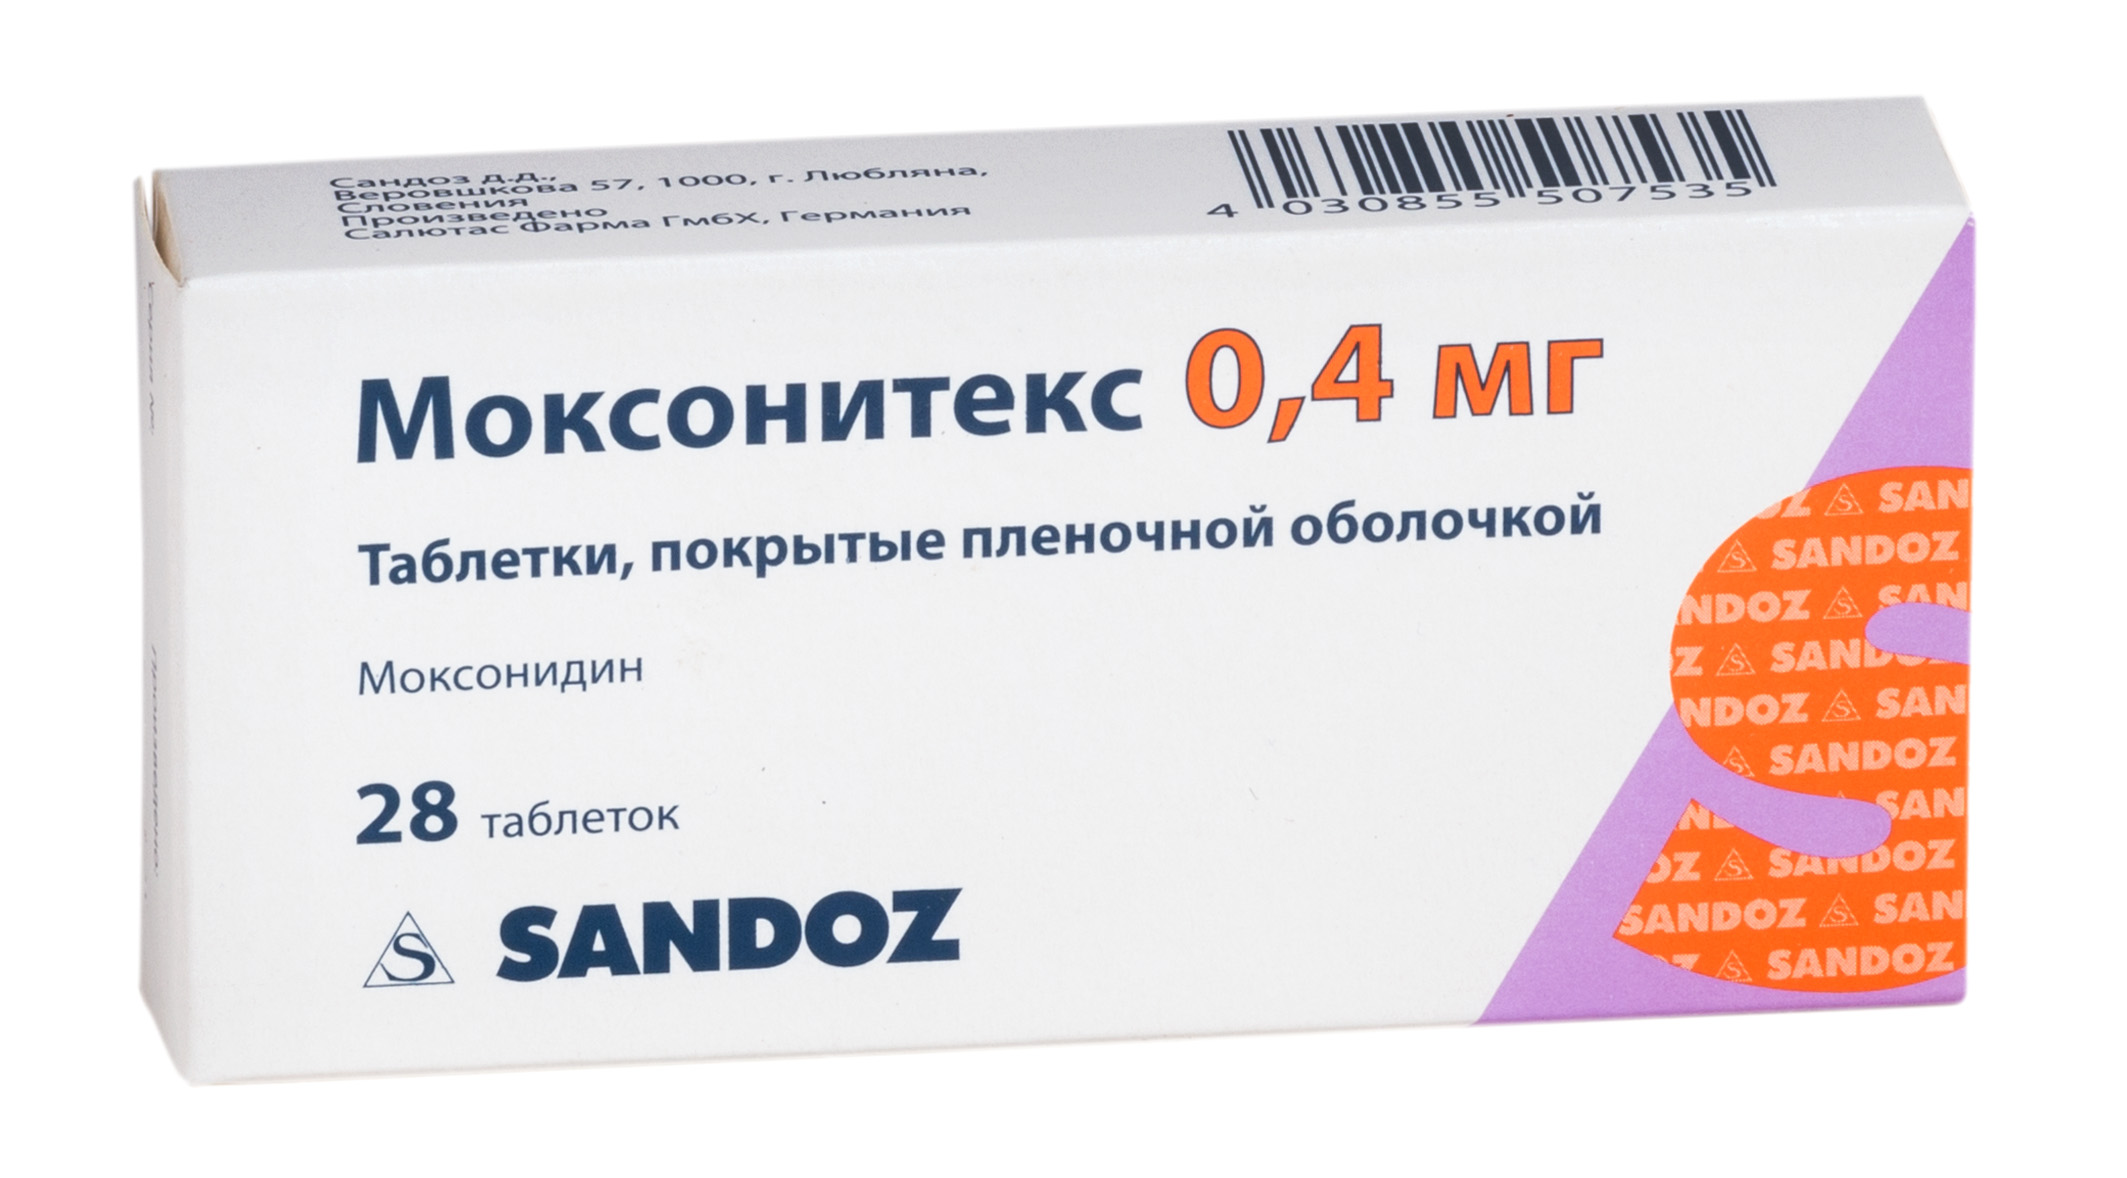 Моксонитекс табл. п.п.о. 0,4 мг №28